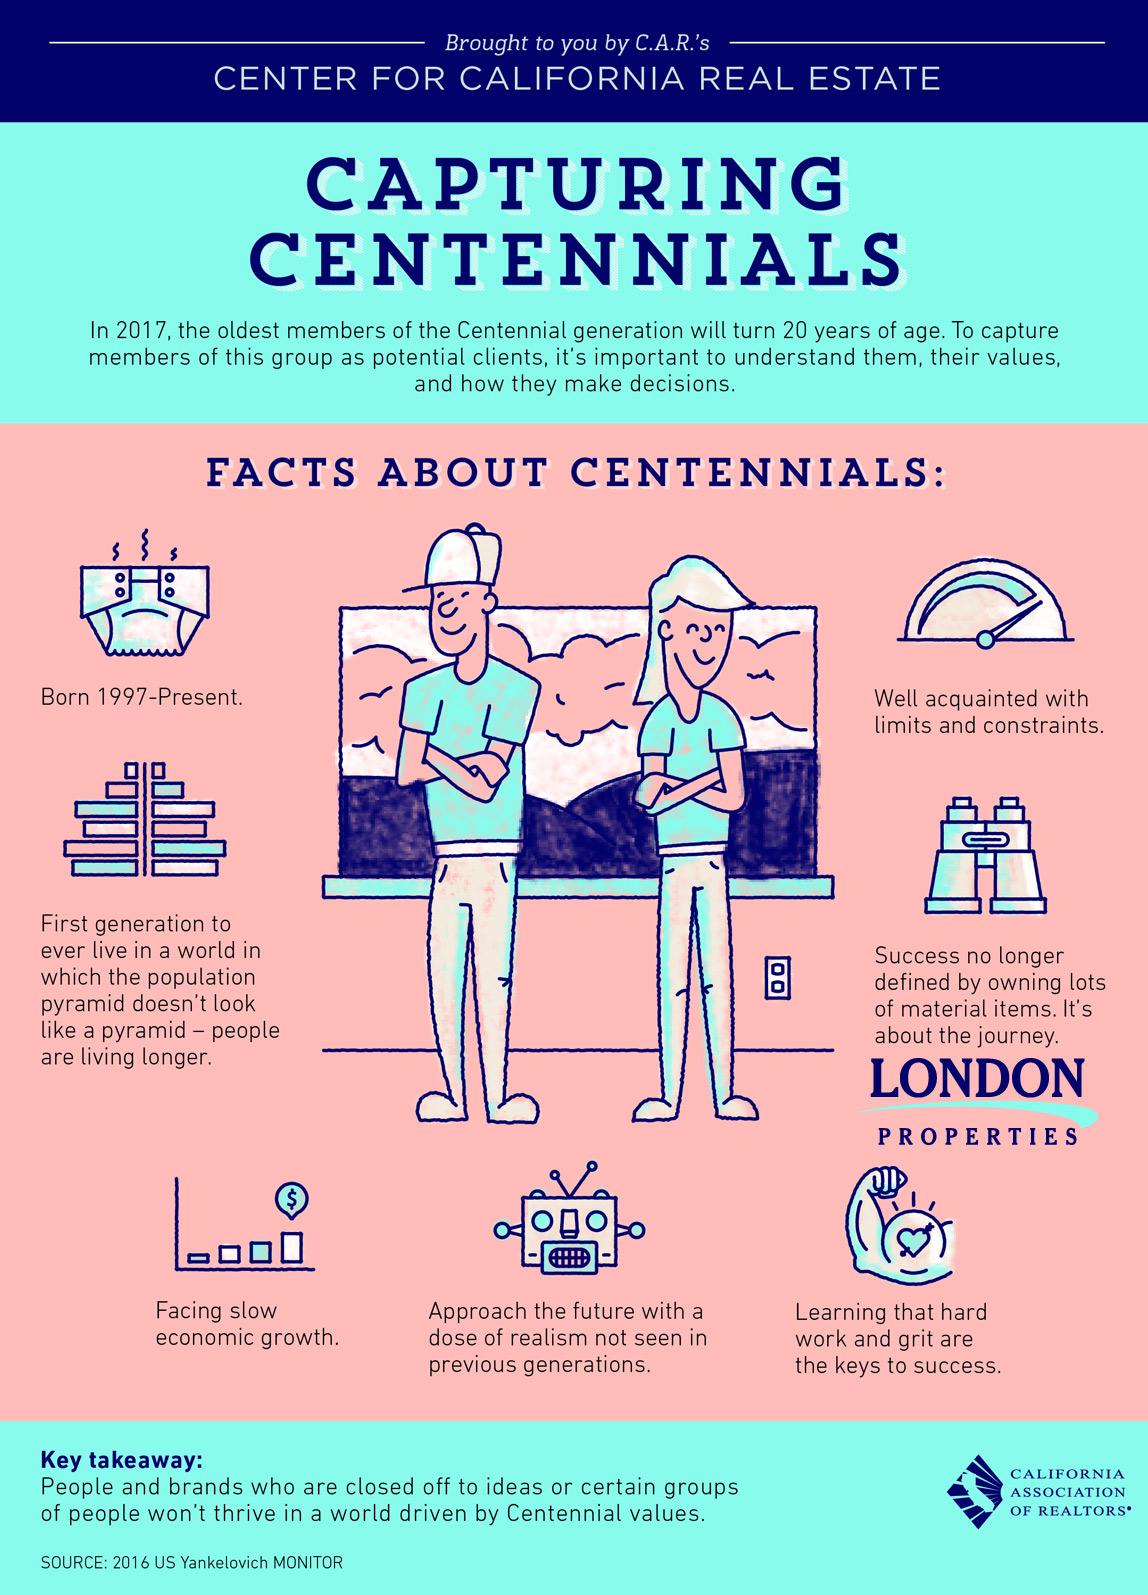 Capturing Centennials